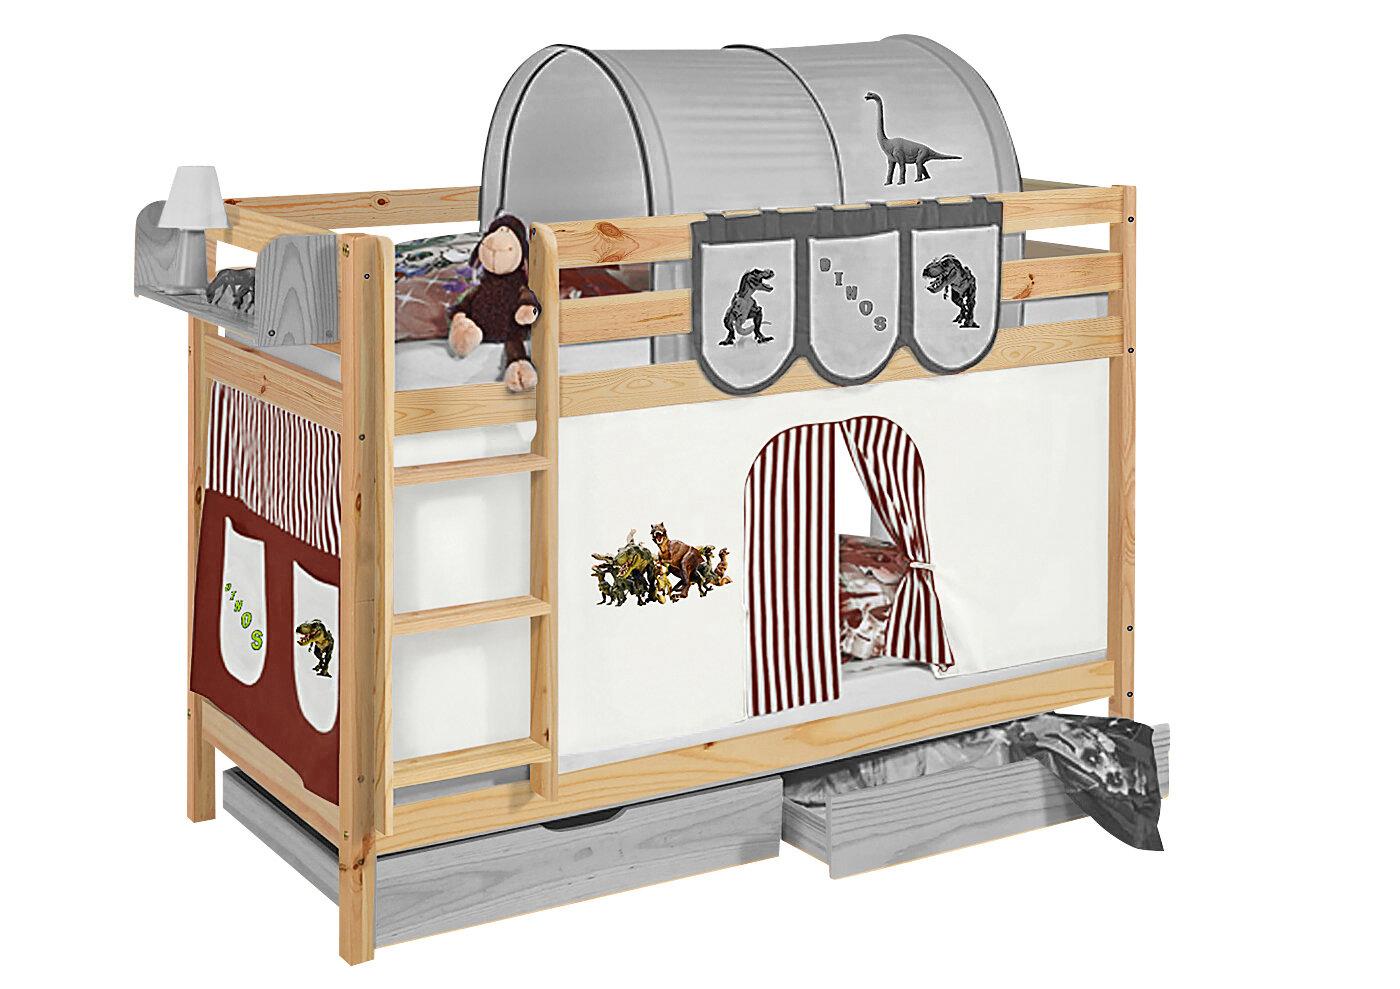 Etagenbett Wayfair : Roomie kidz etagenbett cutshall mit hochbettvorhang cm